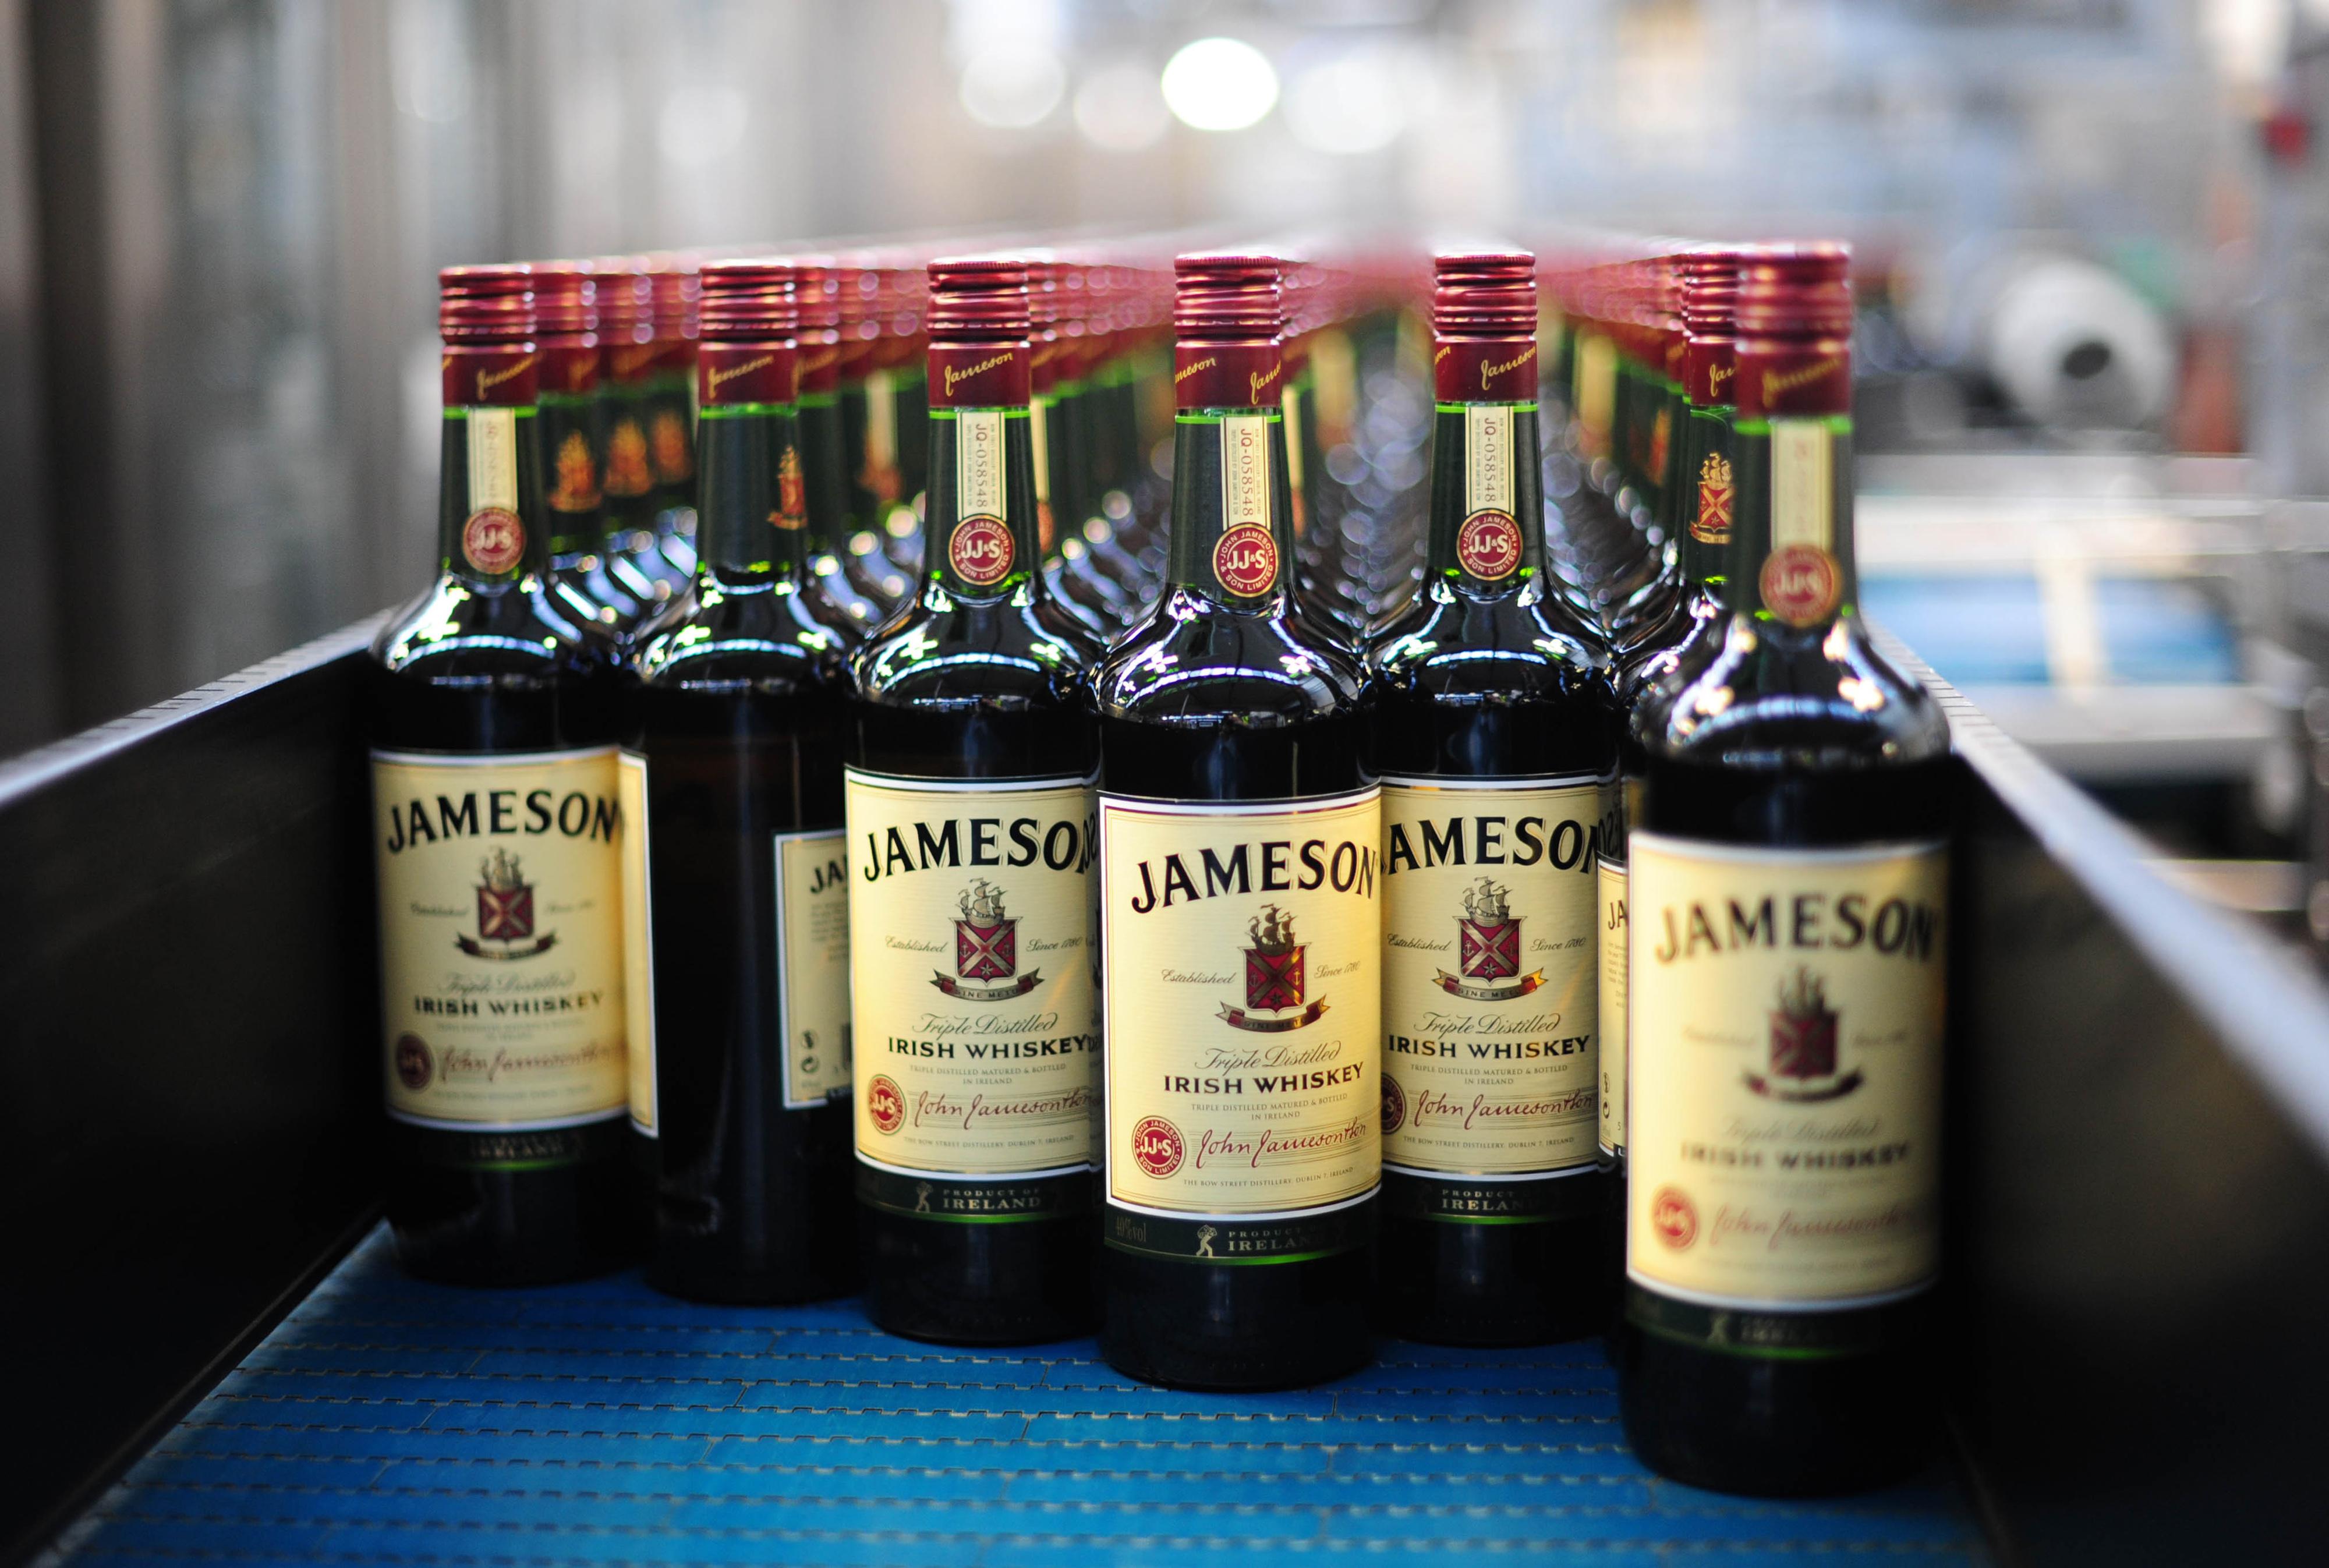 Production At Pernod-Ricard SA's Jameson Irish Whiskey Plant